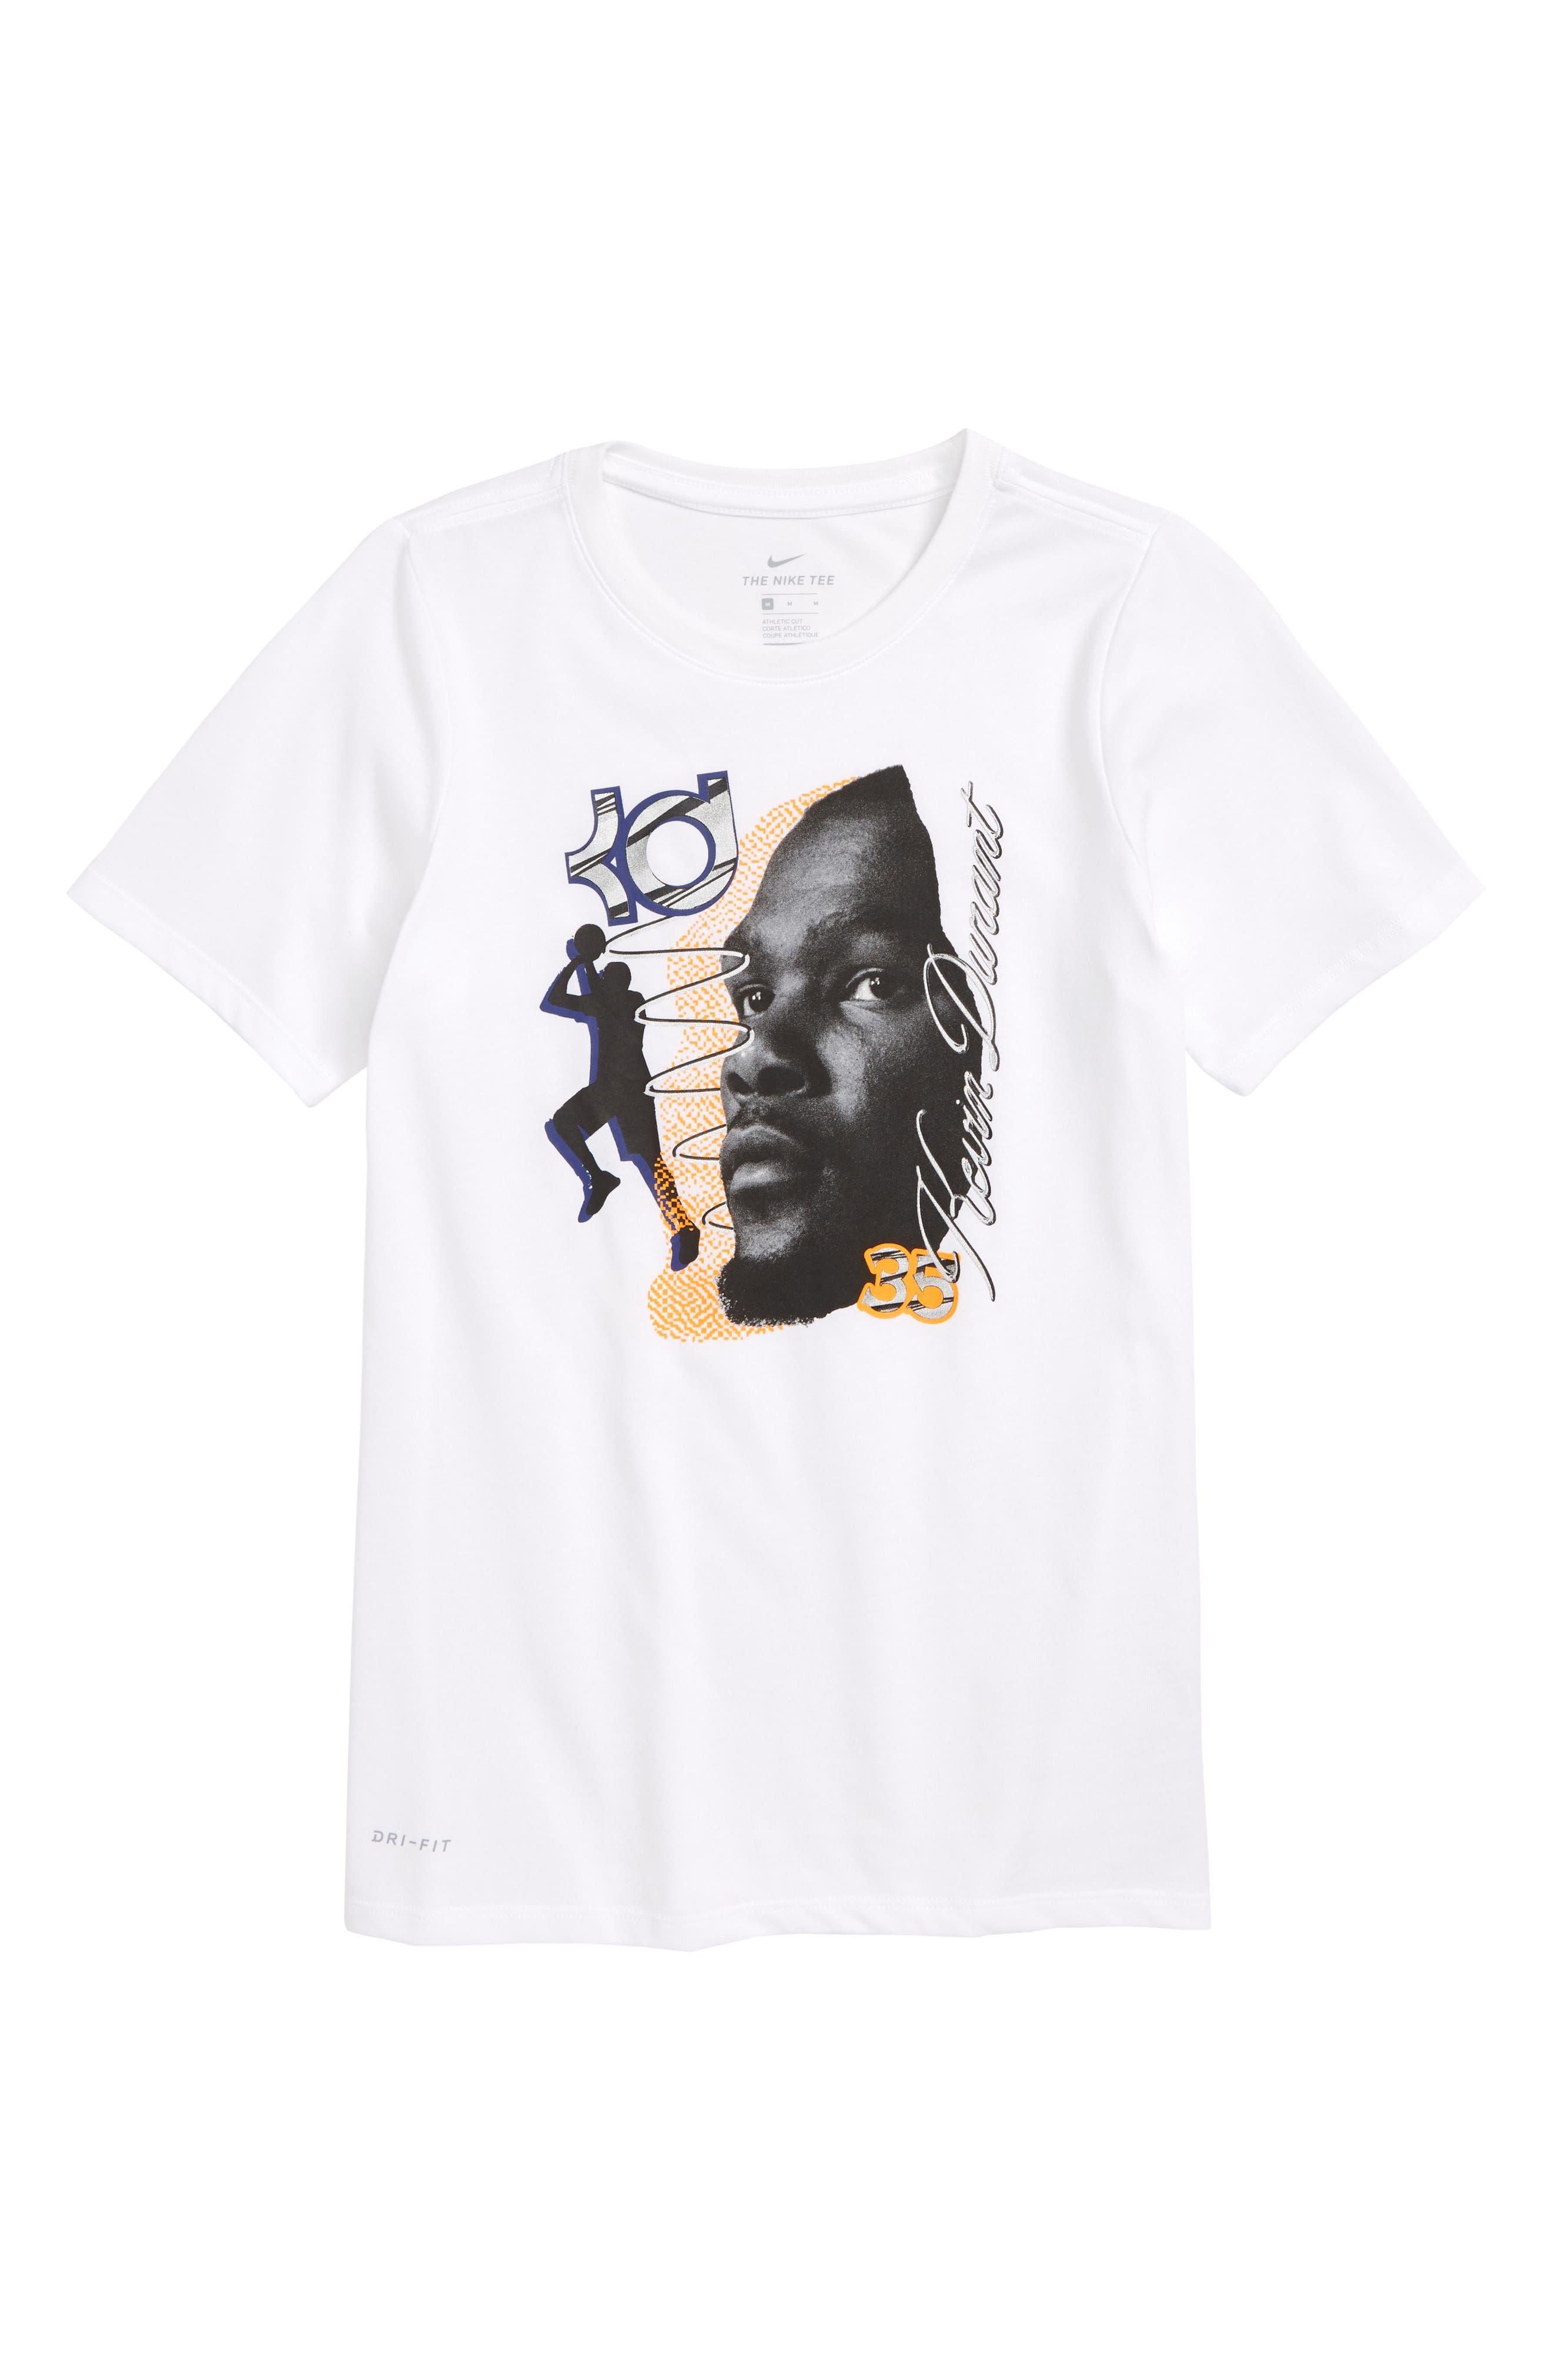 KD Dry T-Shirt,                             Main thumbnail 1, color,                             White